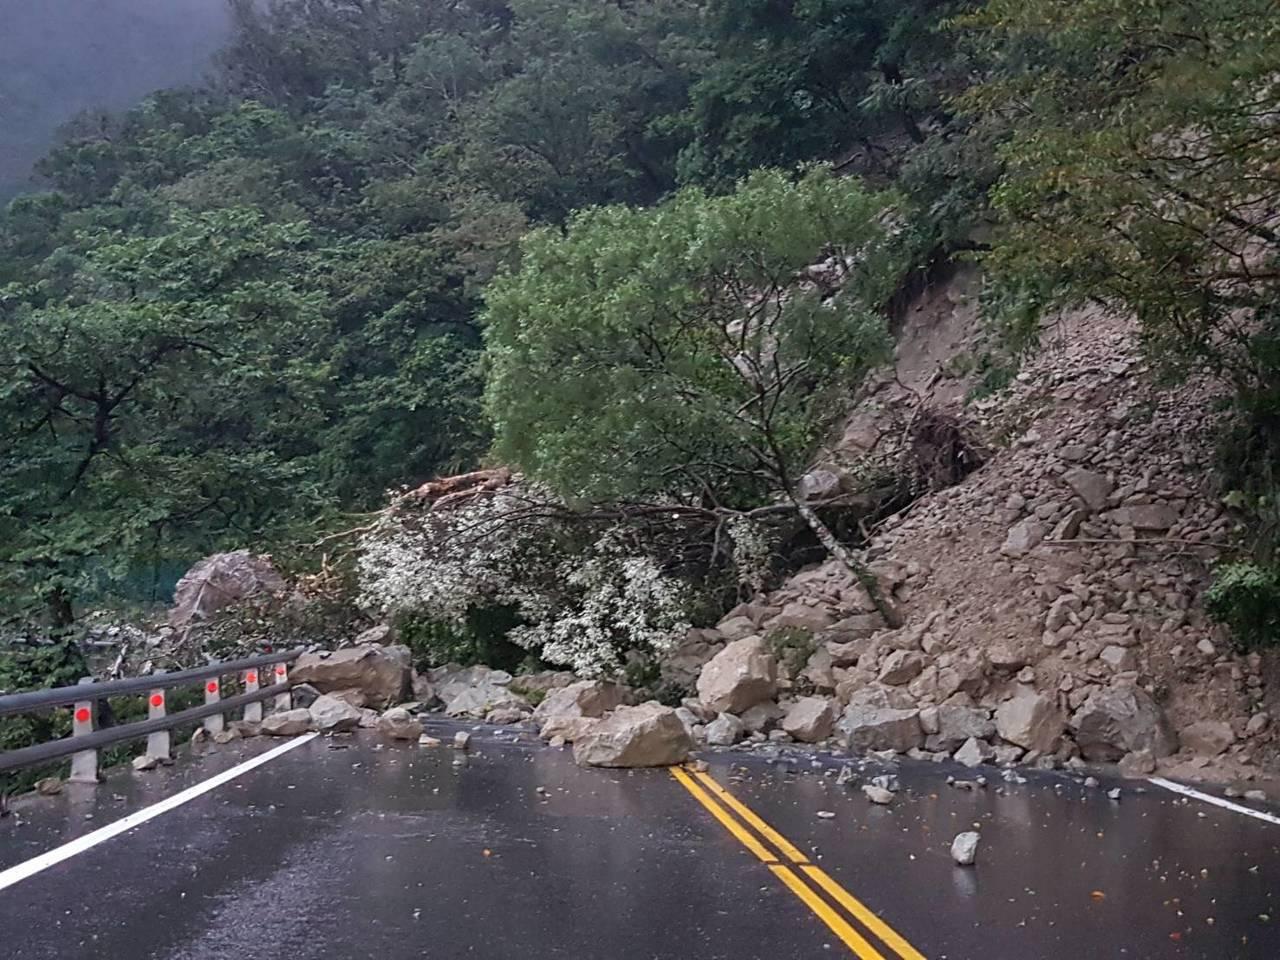 蘇花公路昨天因雨出現大面積坍方,蘇澳至東澳段交通阻斷。圖/公路總局提供